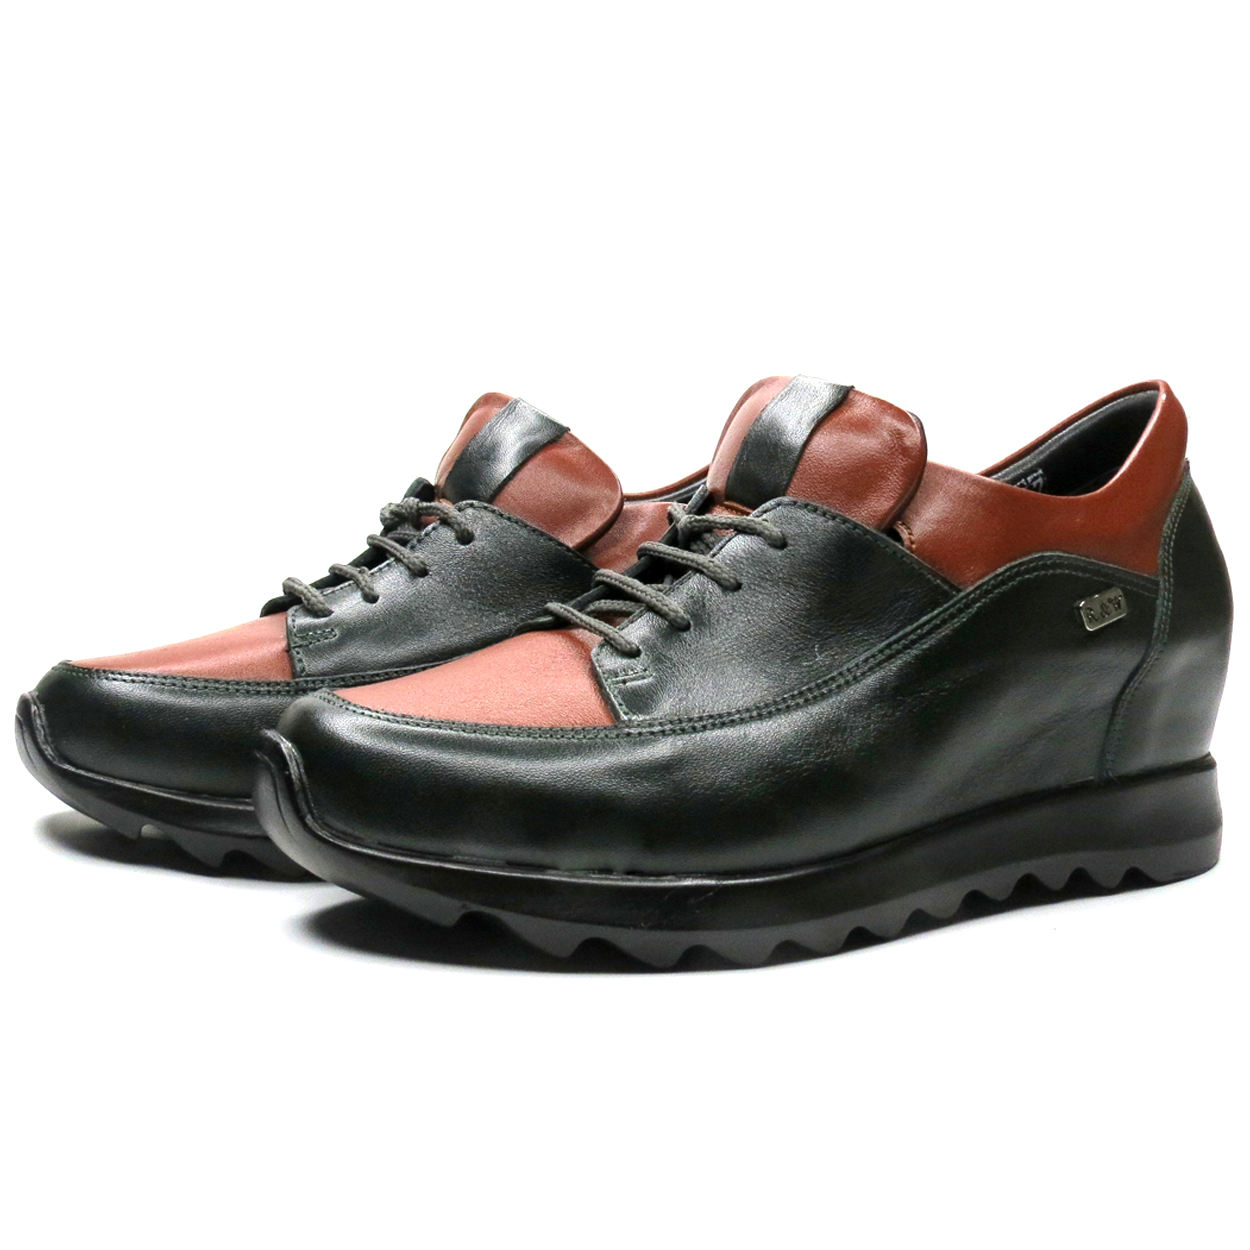 کفش روزمره زنانه آر اند دبلیو مدل 416 رنگ یشمی -  - 8